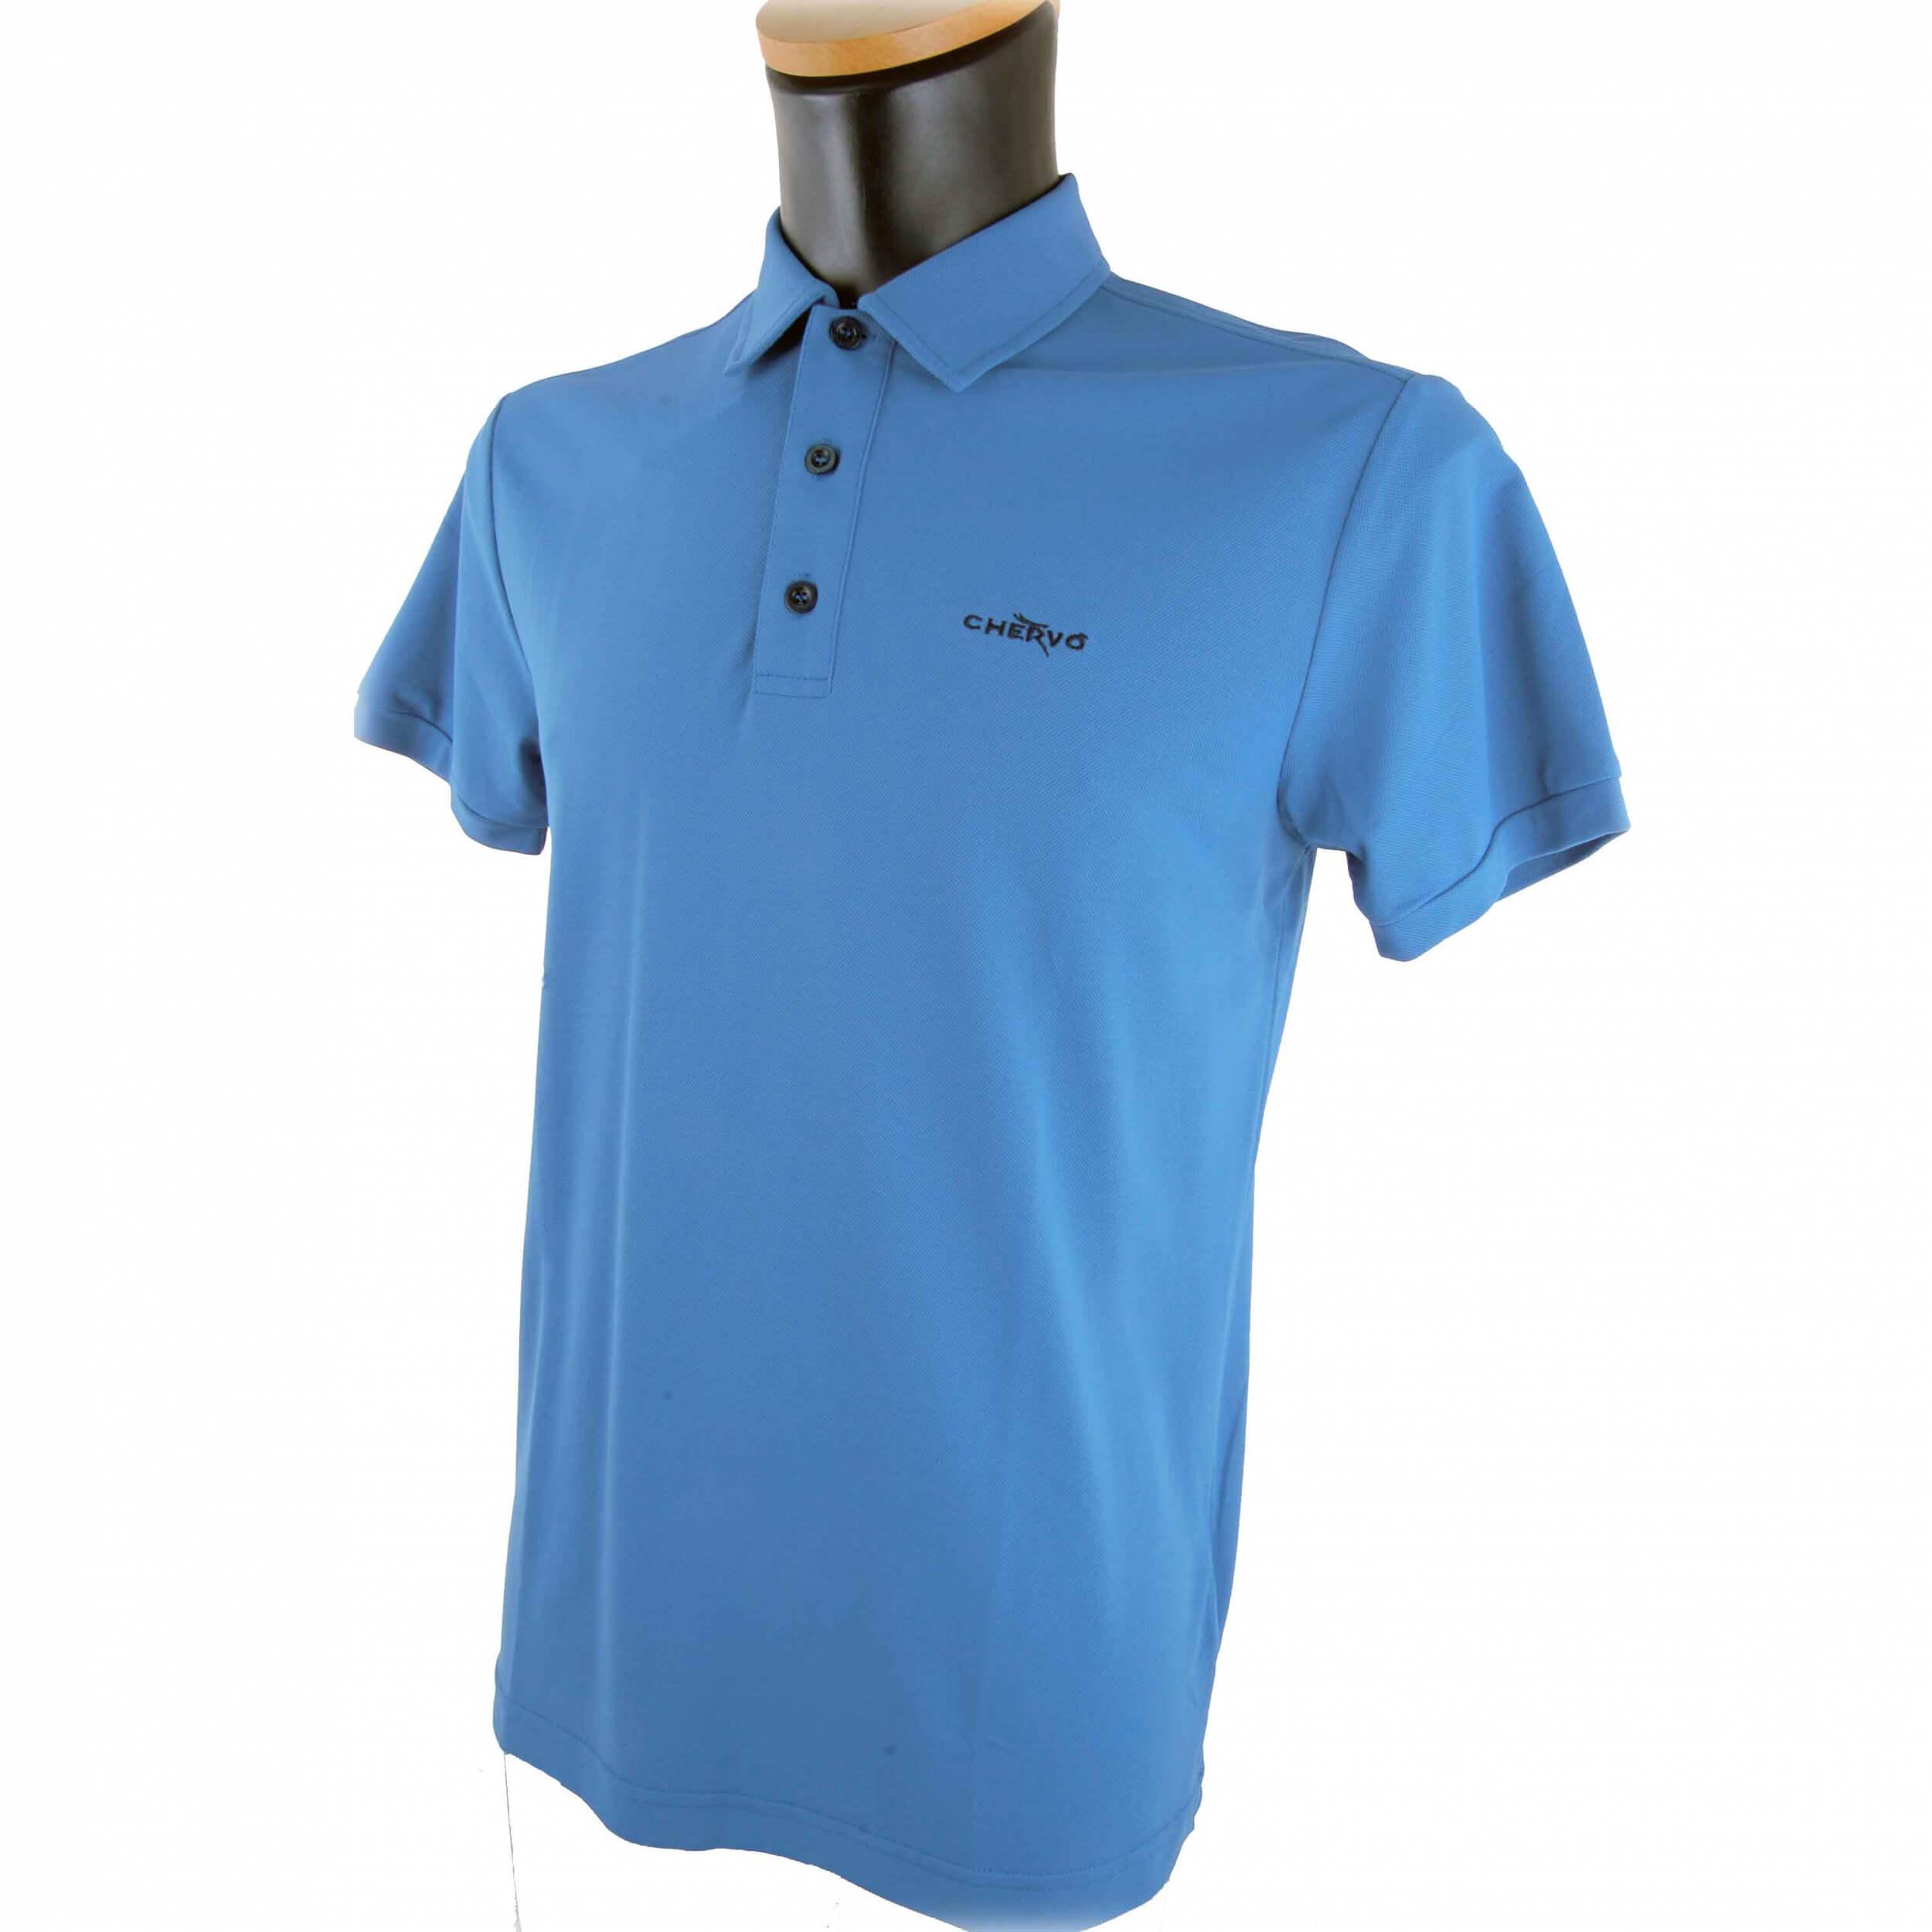 Chervo Herren Polo Aurusa DRY MATIC 507 blau